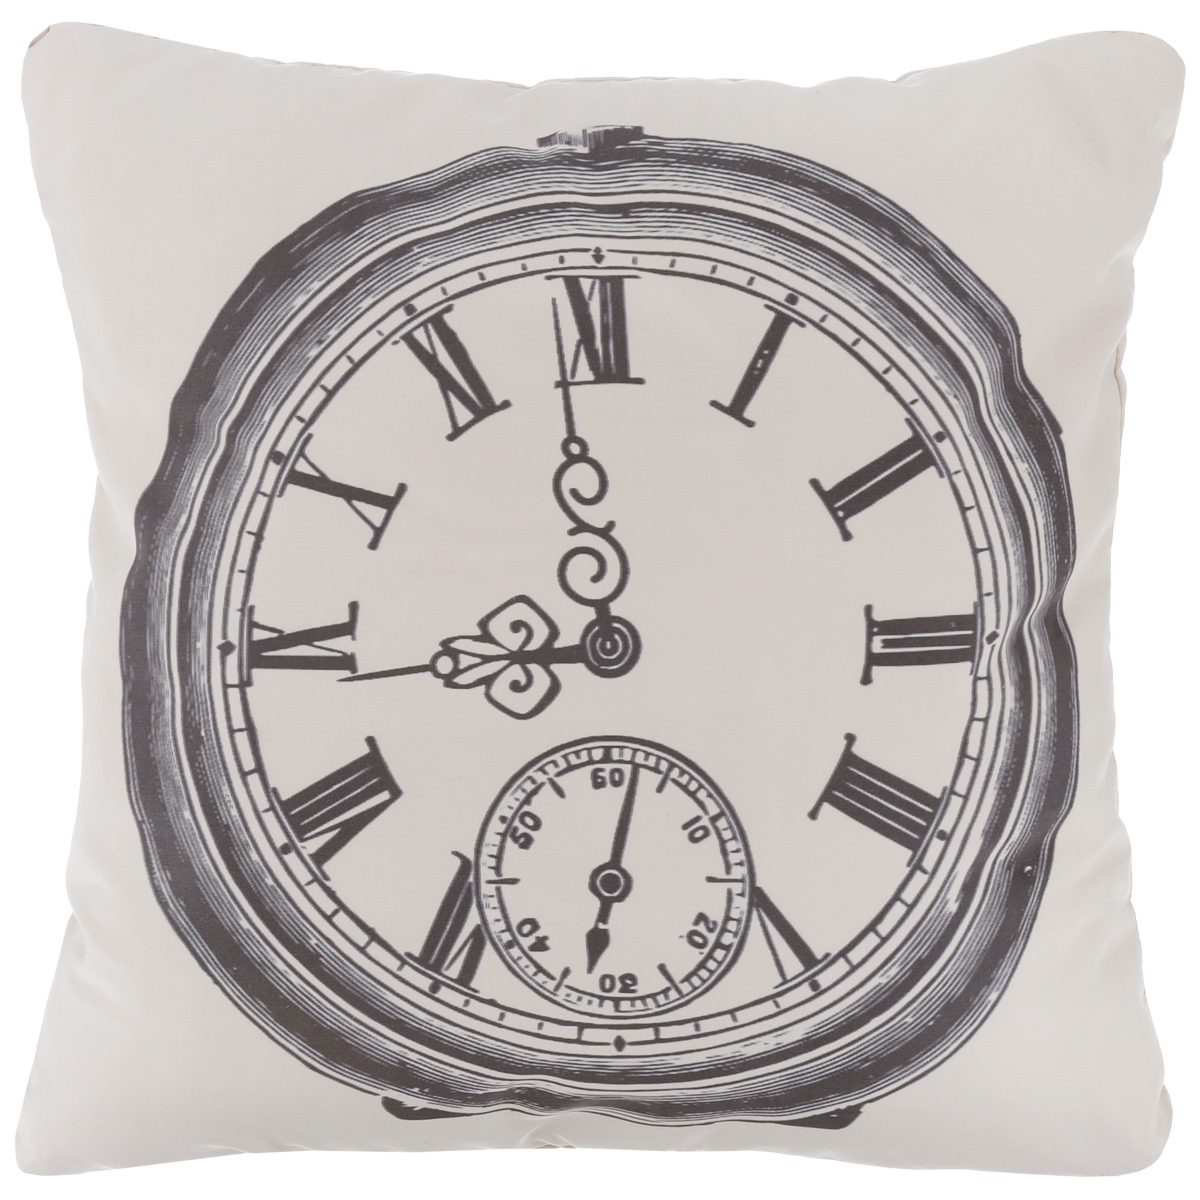 Подушка декоративная Proffi Старинные часы, цвет: белый, черный, 43 х 43 смPH5956Декоративная подушка Proffi Старинные часы - это яркое украшение вашего дома. Чехол выполнен из приятного на ощупь полиэстера и застегивается на молнию. Внутри - мягкий наполнитель, изготовленный из шариков холлофайбера.Лицевая сторона подушки украшена ярким изображением, задняя сторона - однотонная. Стильная и яркая подушка эффектно украсит интерьер и добавит в привычную обстановку изысканность и роскошь.